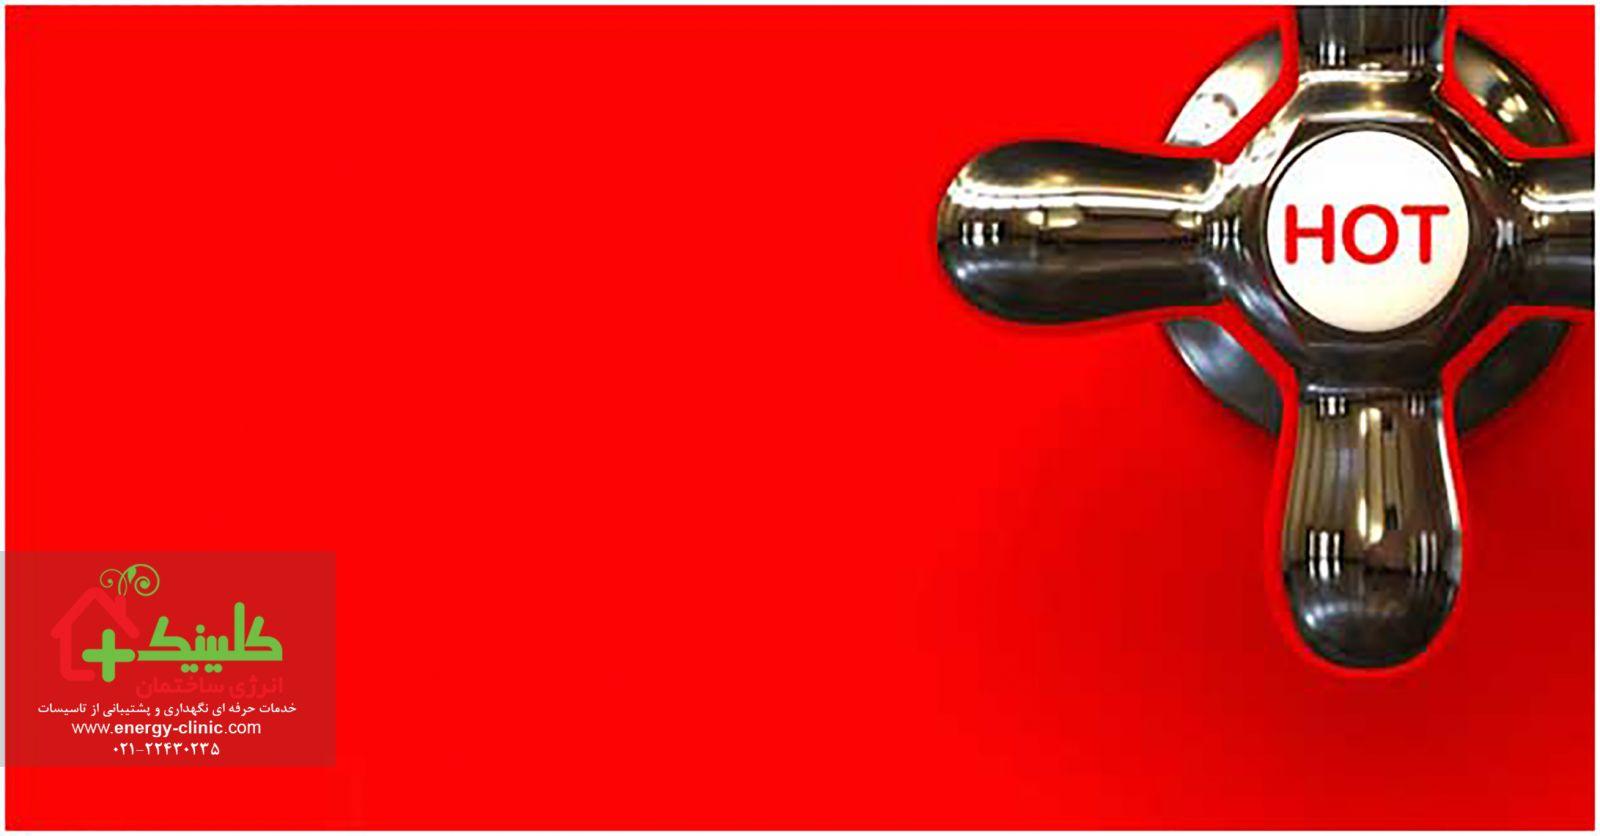 استفاده از سر دوش کاهنده مصرف آب